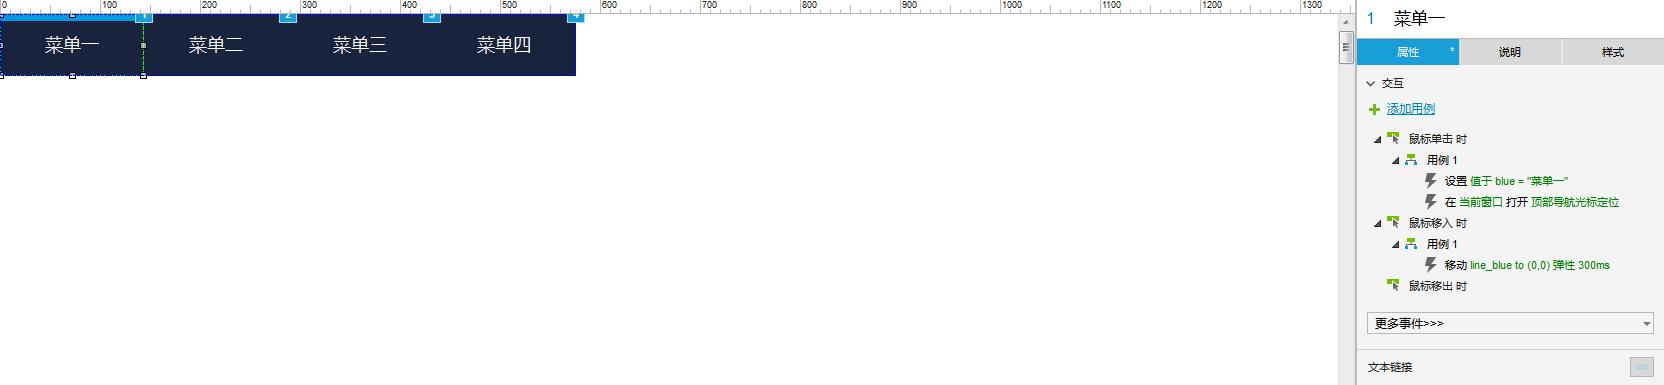 顶部导航光标定位